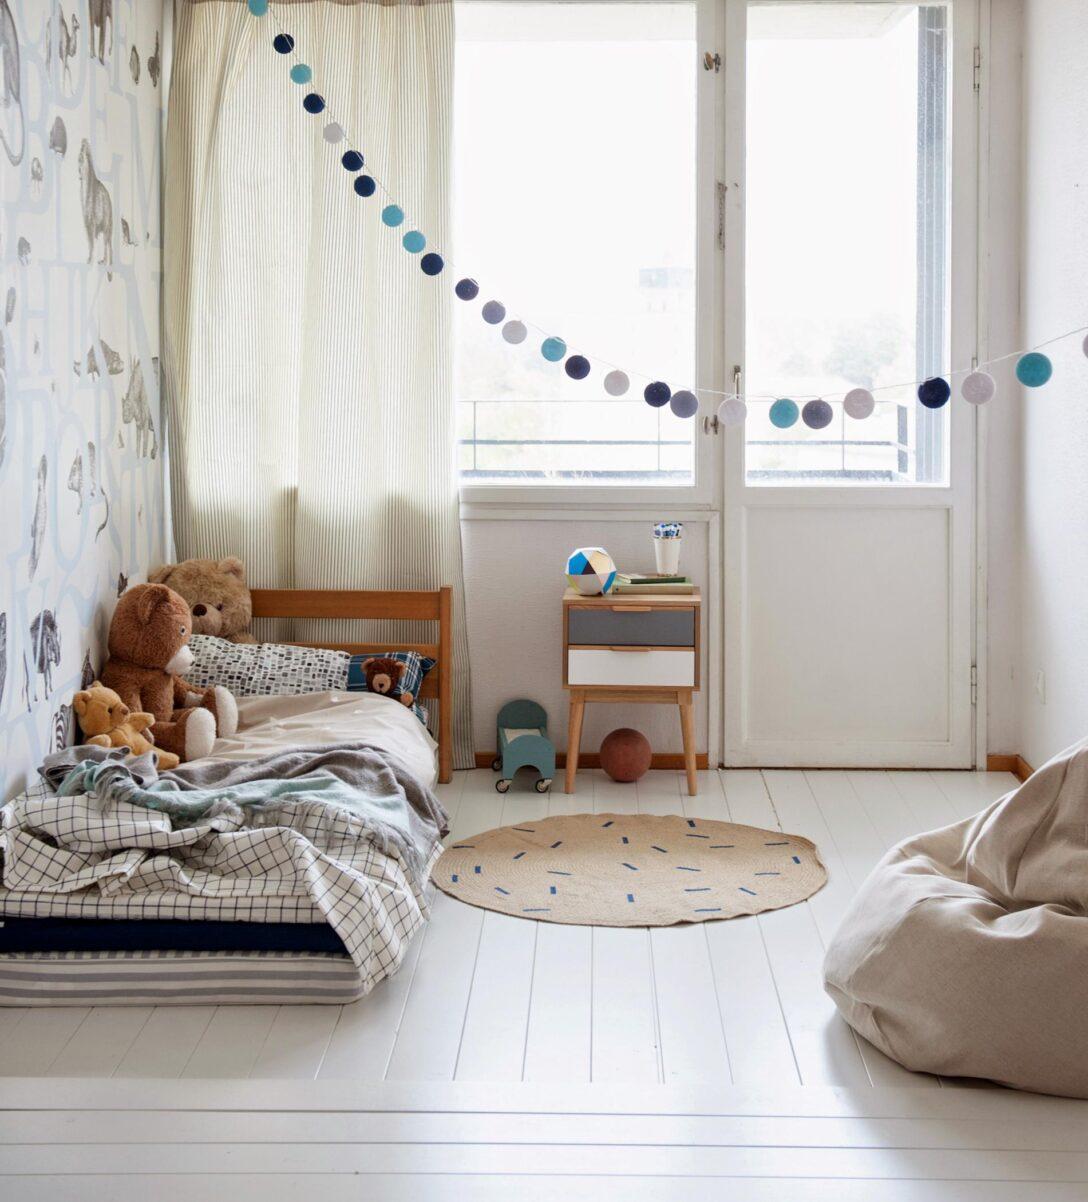 Large Size of Nachttisch Kinderzimmer Minimalistisches Teppich Regal Weiß Regale Sofa Kinderzimmer Nachttisch Kinderzimmer